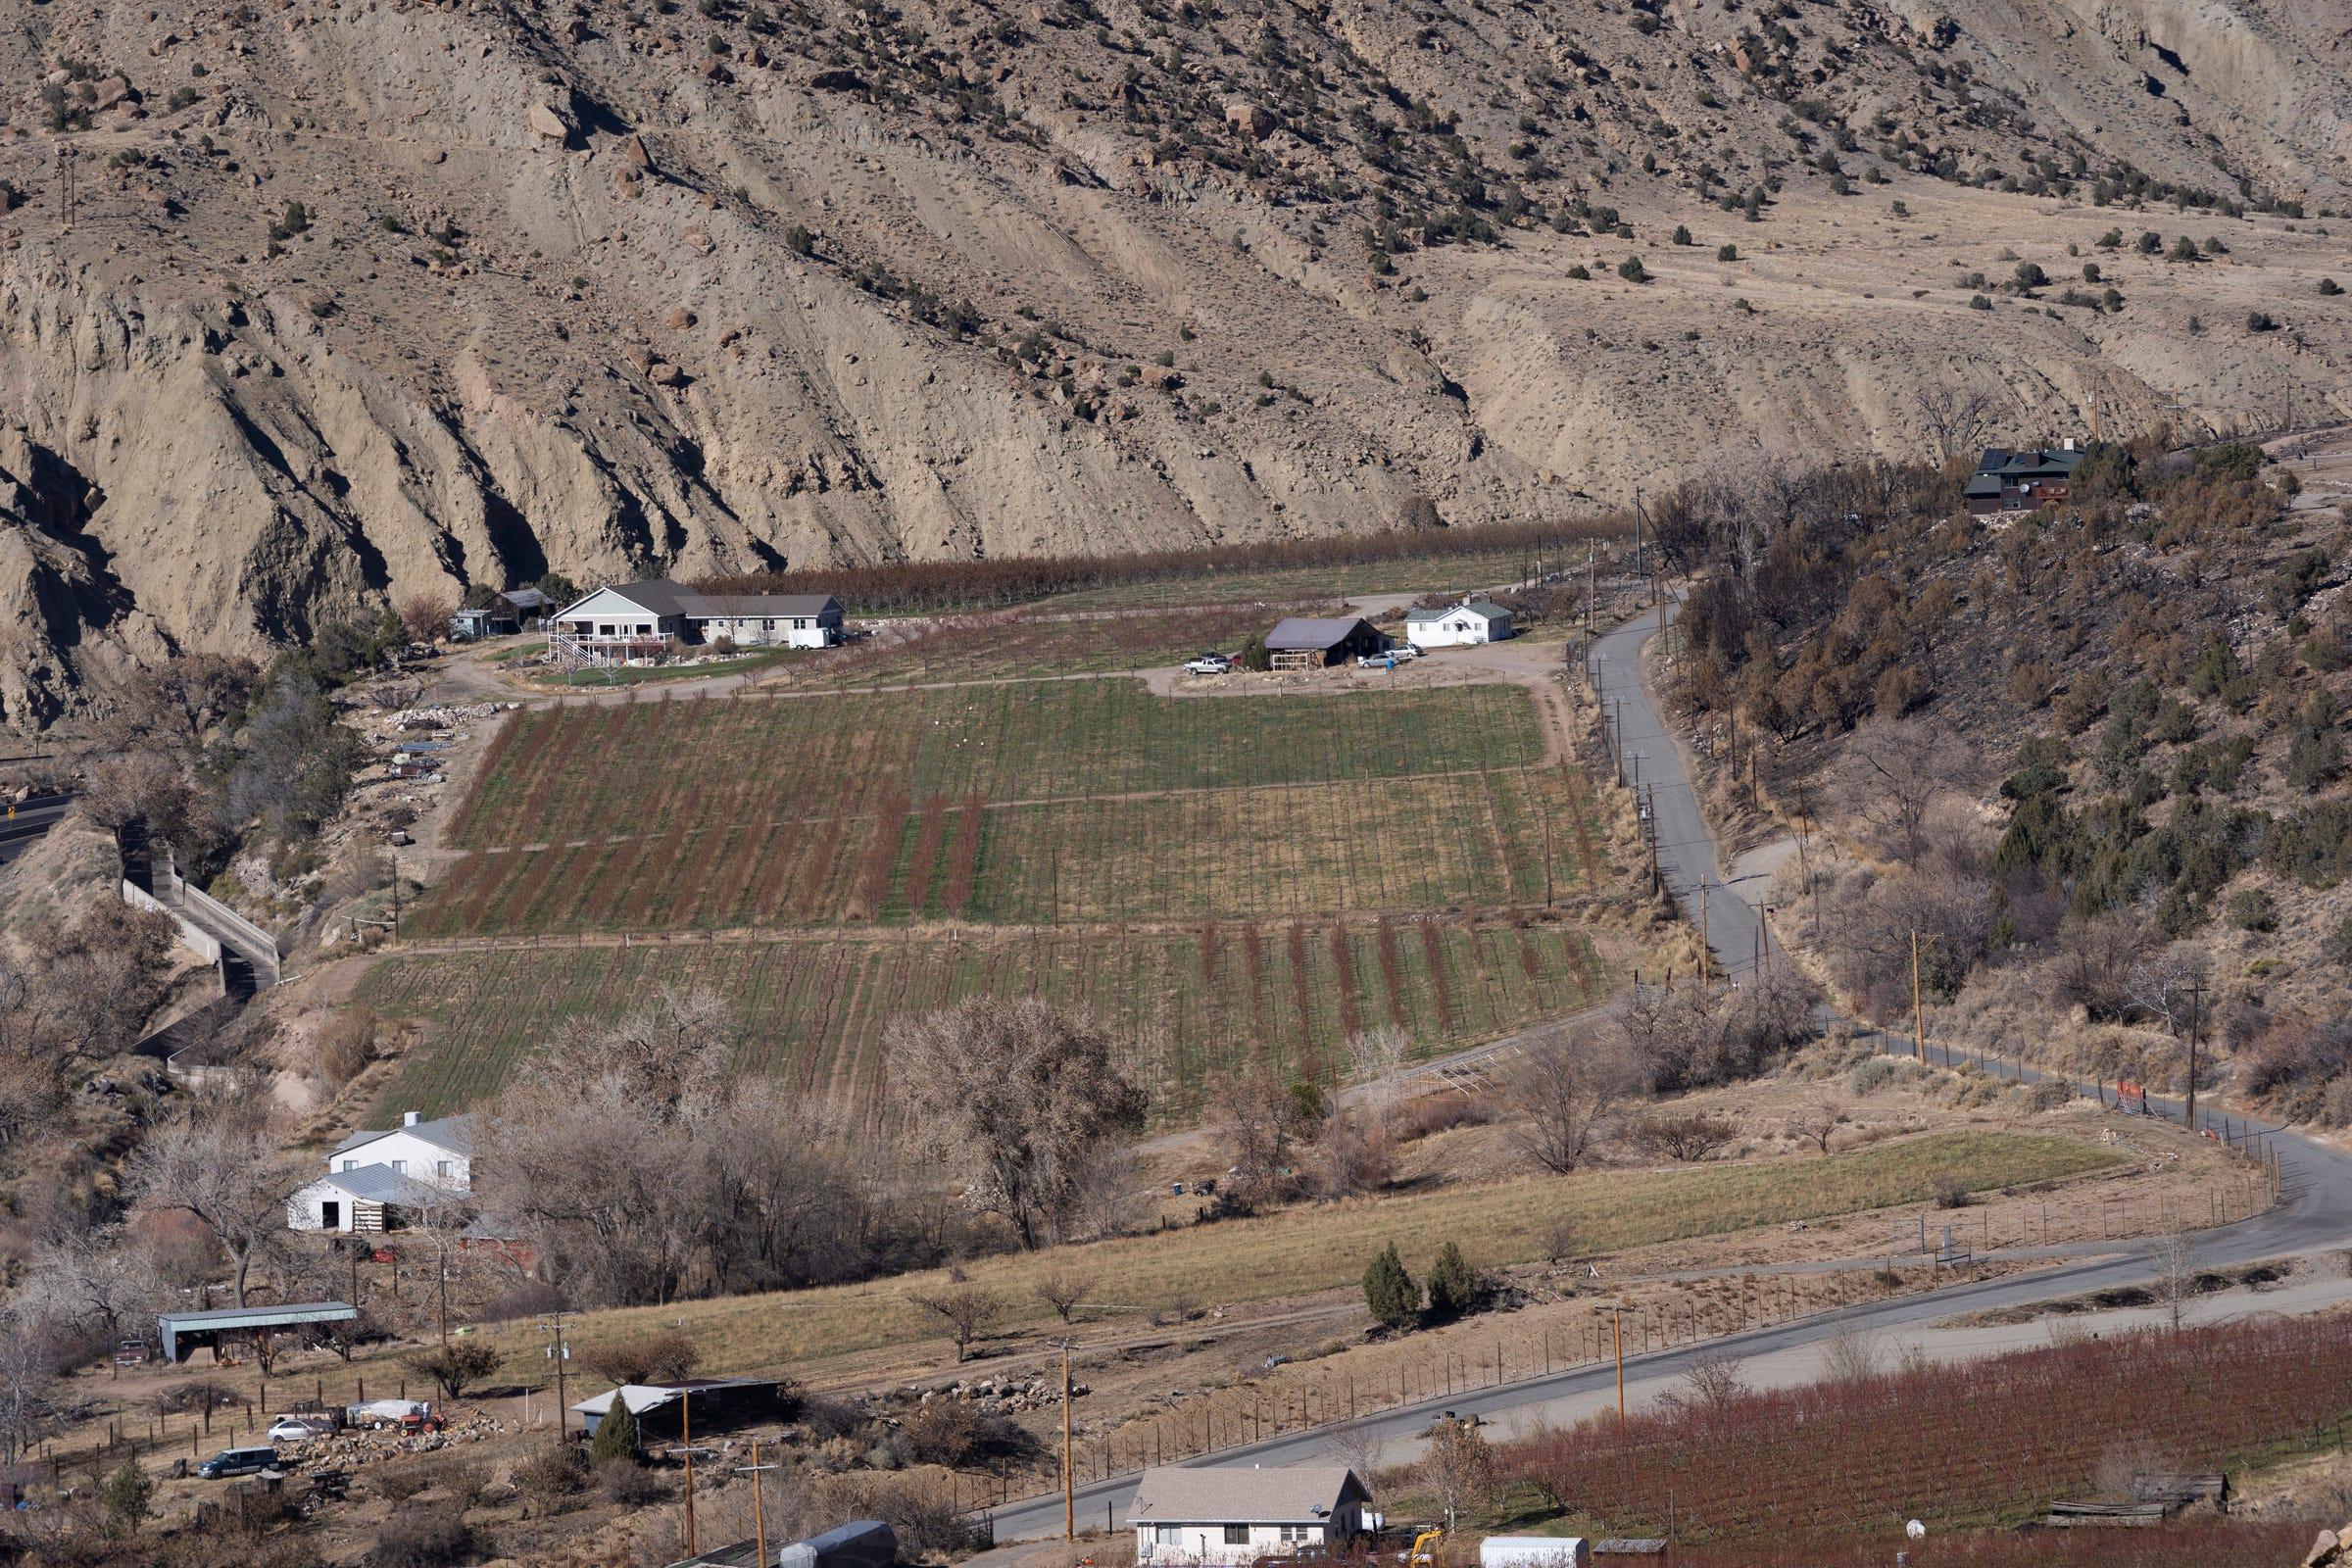 The Colorado River flows between farmland and a highway near Palisade, Colorado.